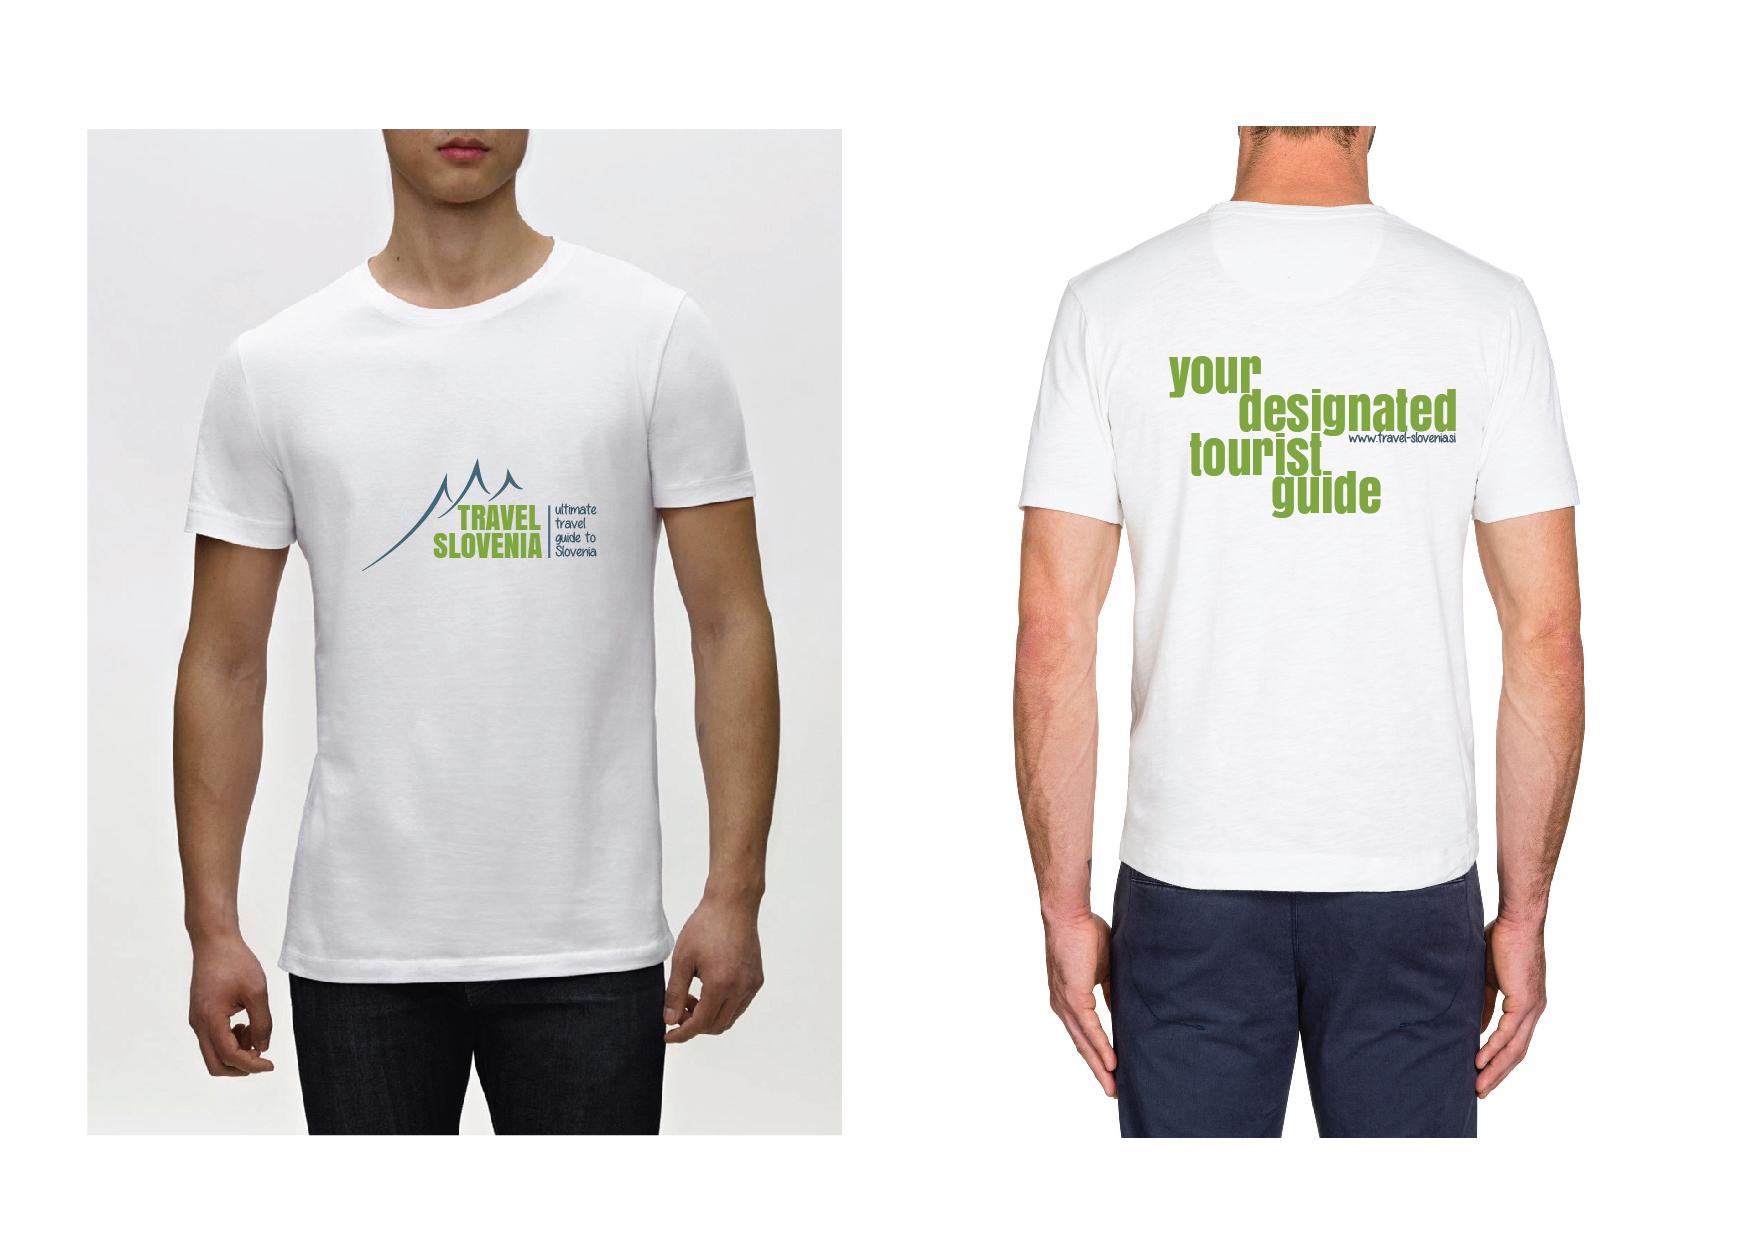 vizualno-oblikovanje-majica